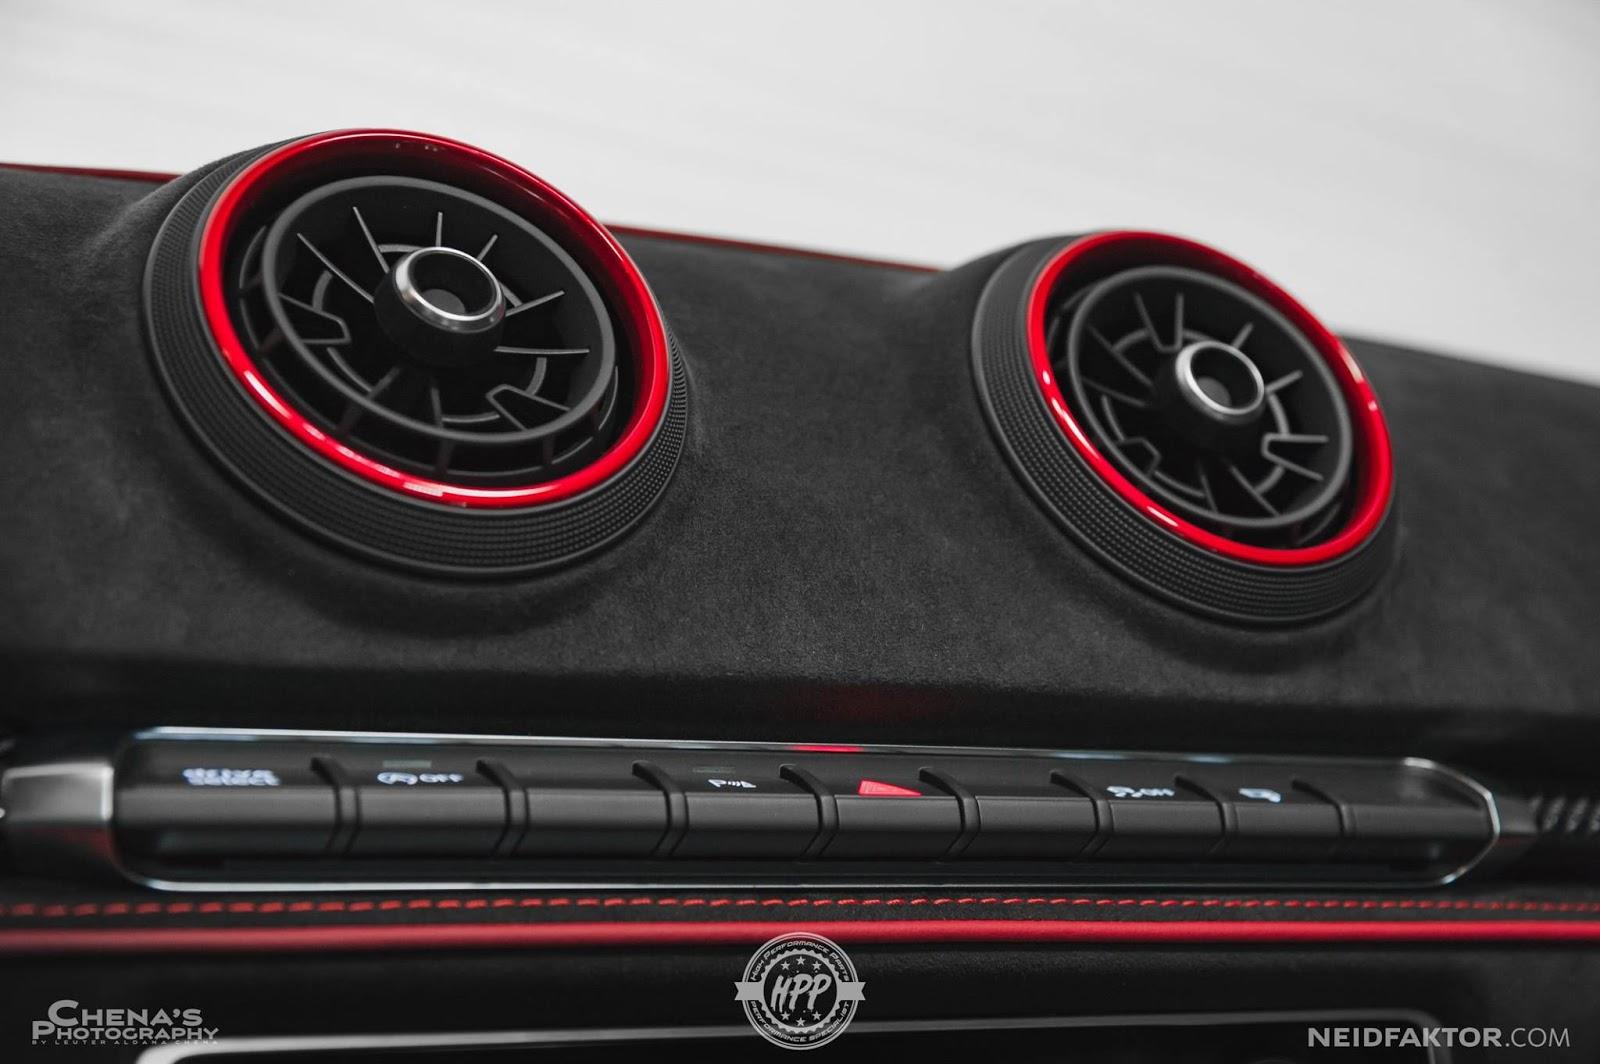 Audi RS3 sedan byNeidfaktor (7)